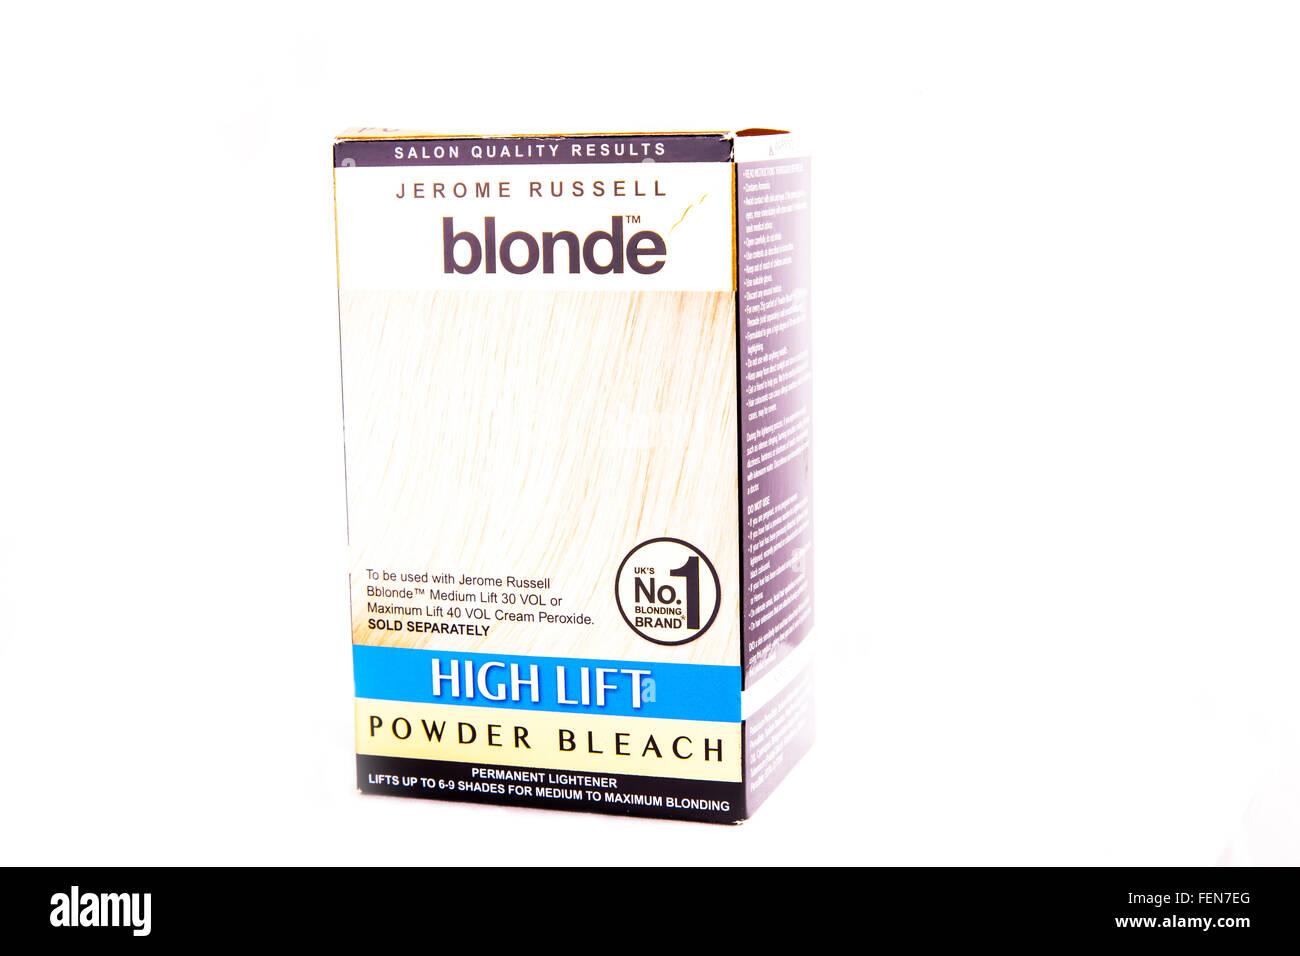 Hair Dye Powder Bleach Blonde Colour Box Color Blond Cutout Cut Out